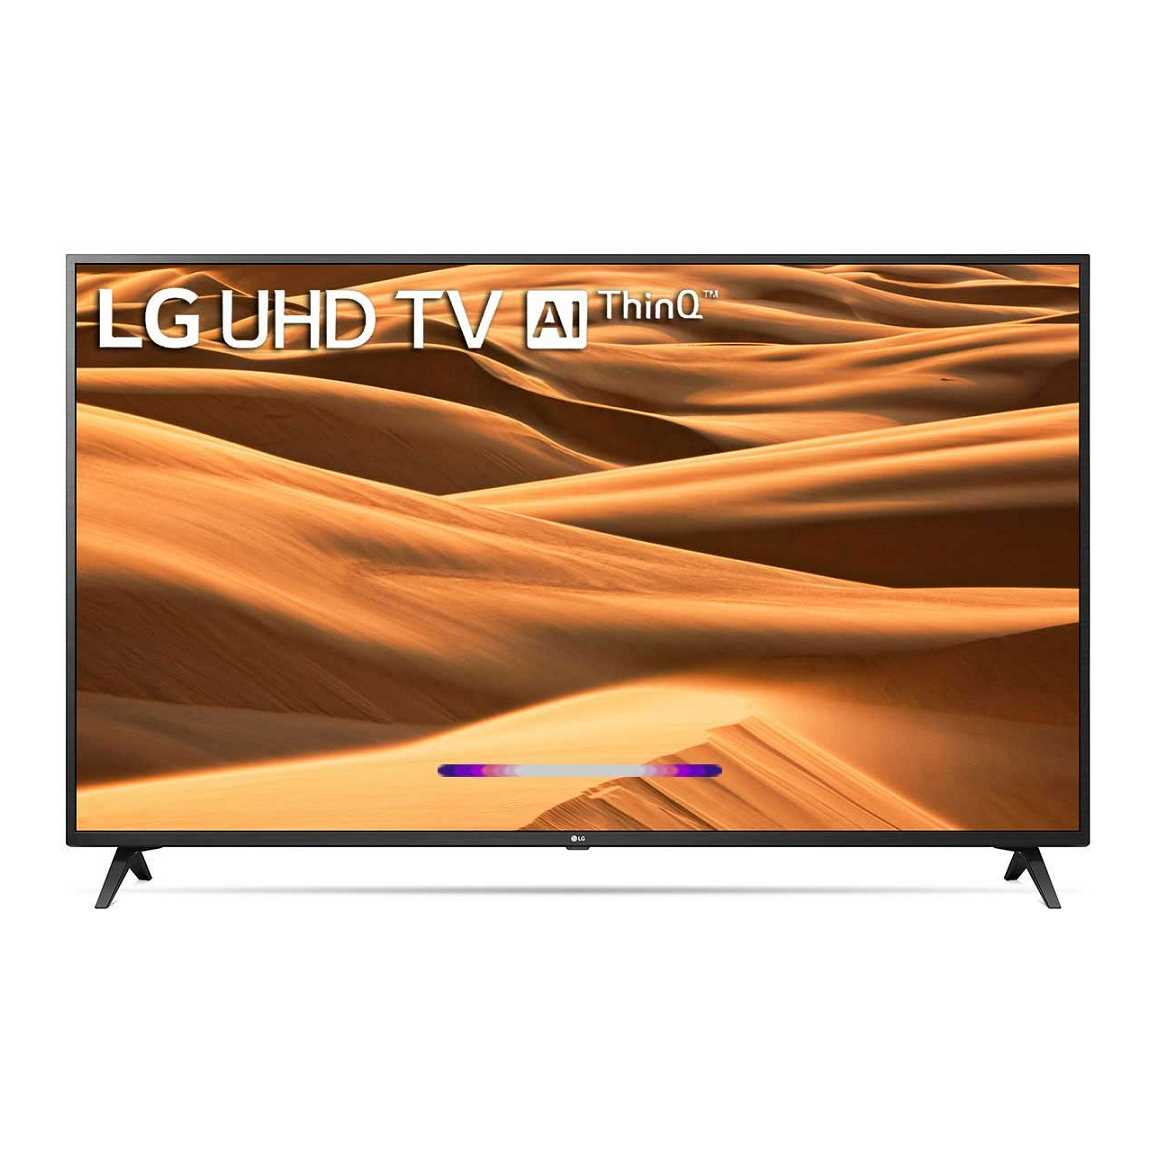 LG 55UM7300PTA 55 Inch 4K Ultra HD Smart LED Television